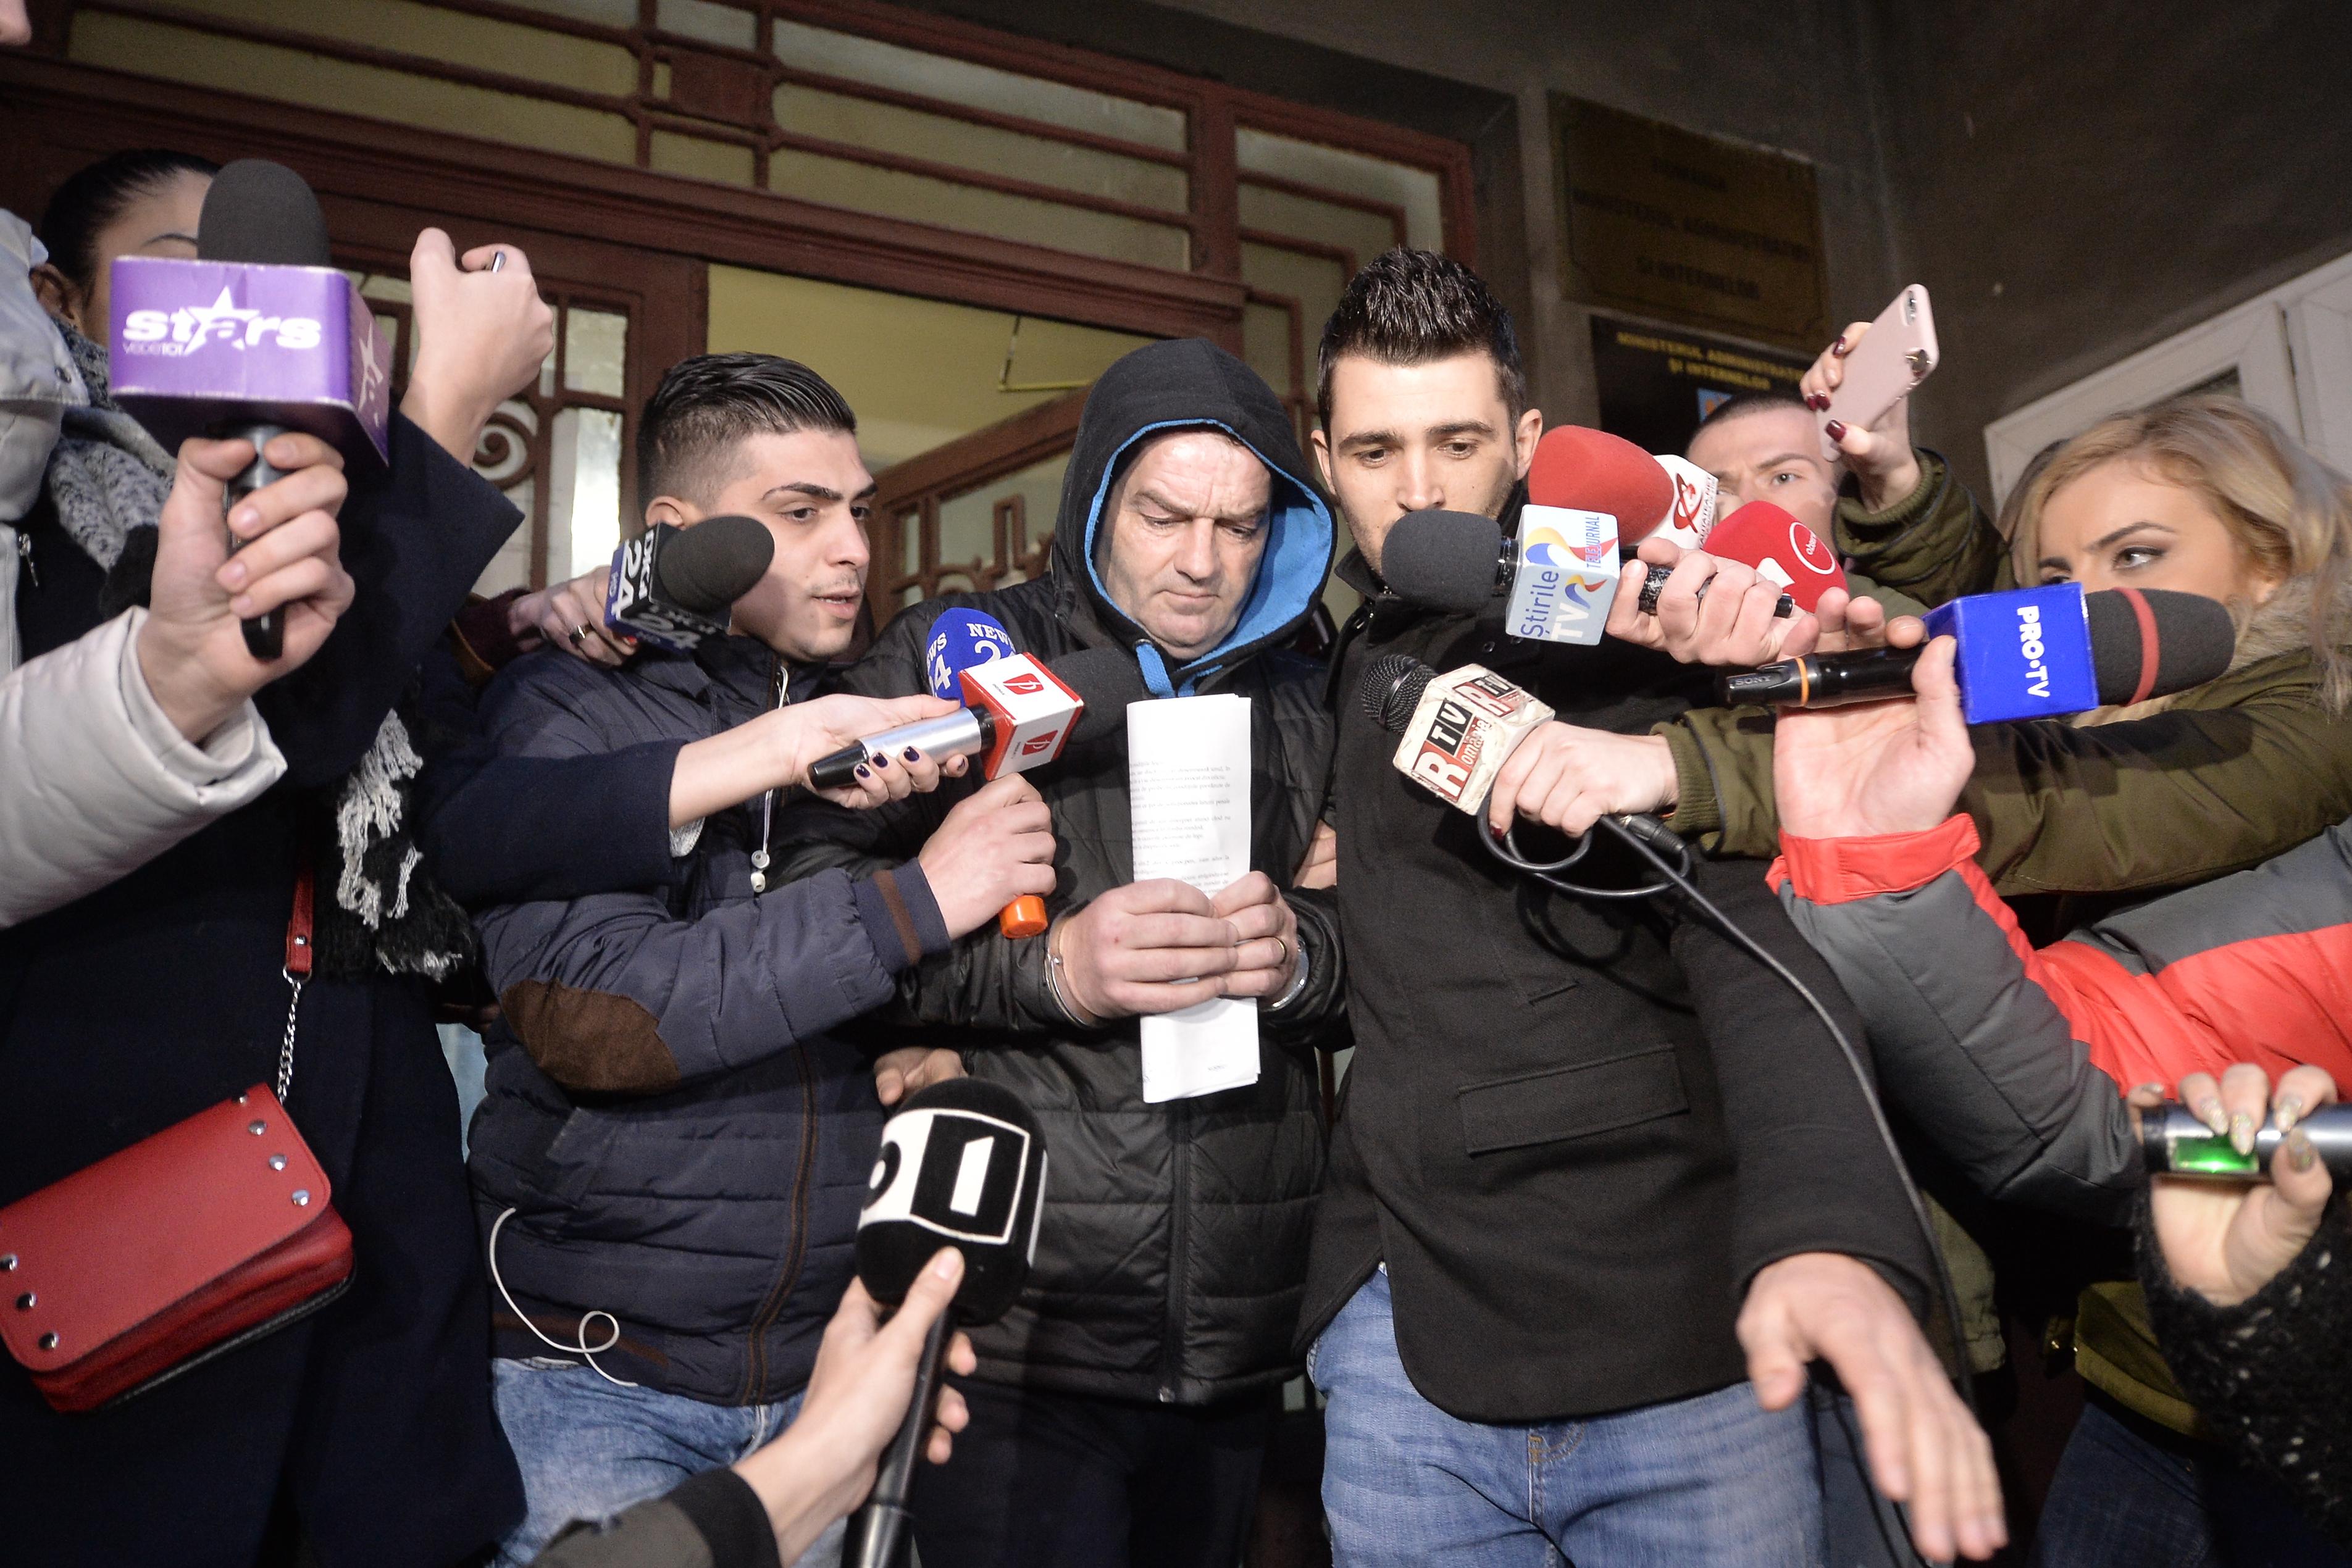 Cazul poliţistului pedofil   Valentin Riciu, consilier al ministrului de Interne: Nu am fost şeful lui Stan. Nu am fost şi nu sunt cercetat în vreun dosar pentru înşelăciune